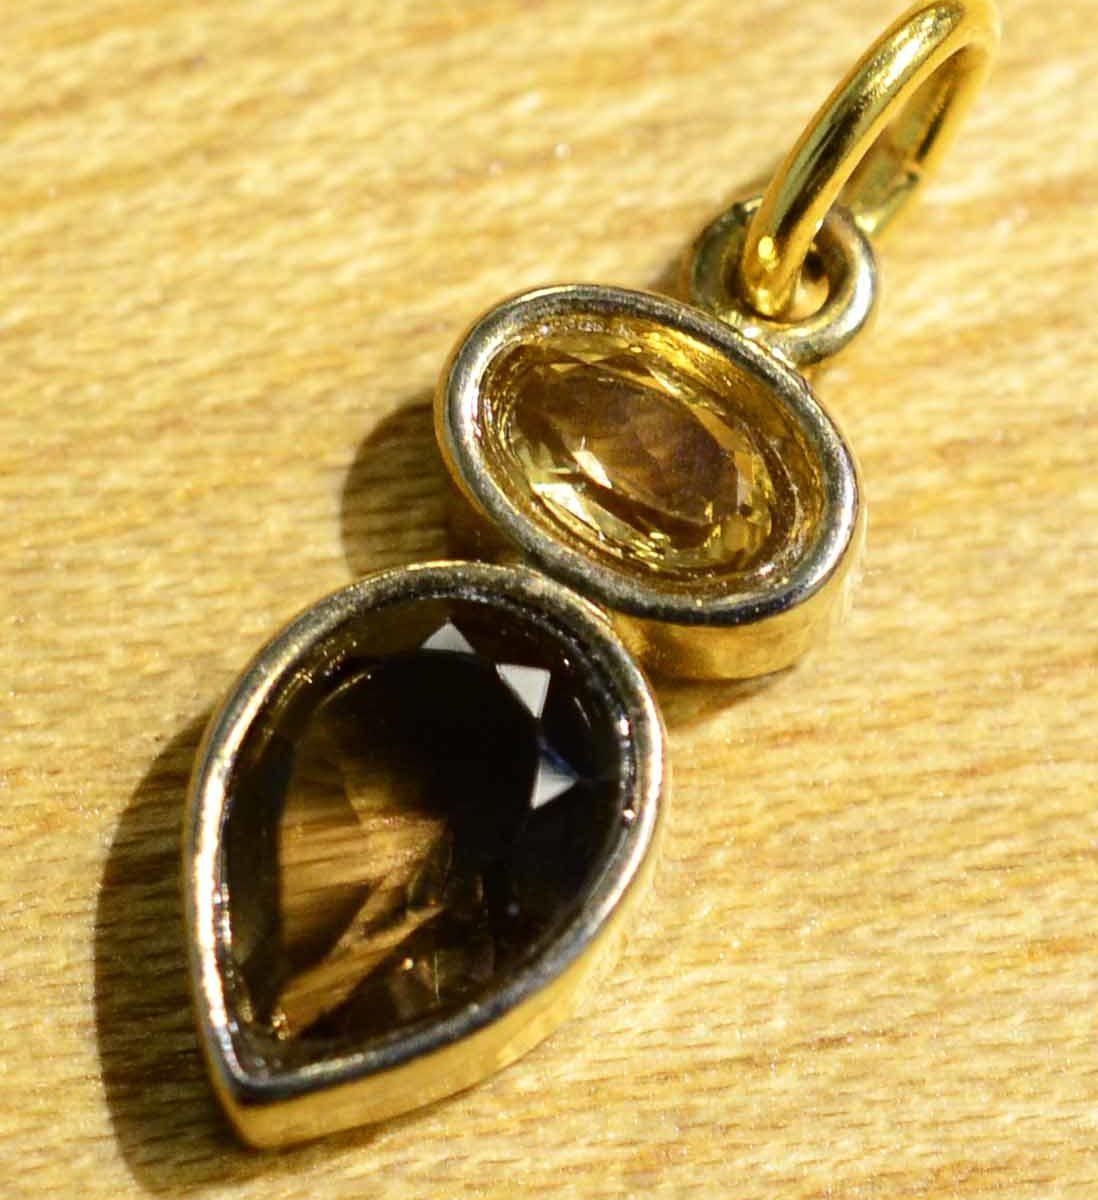 smoky quartz, citrine, and 14k gold vermeil handmade pendant